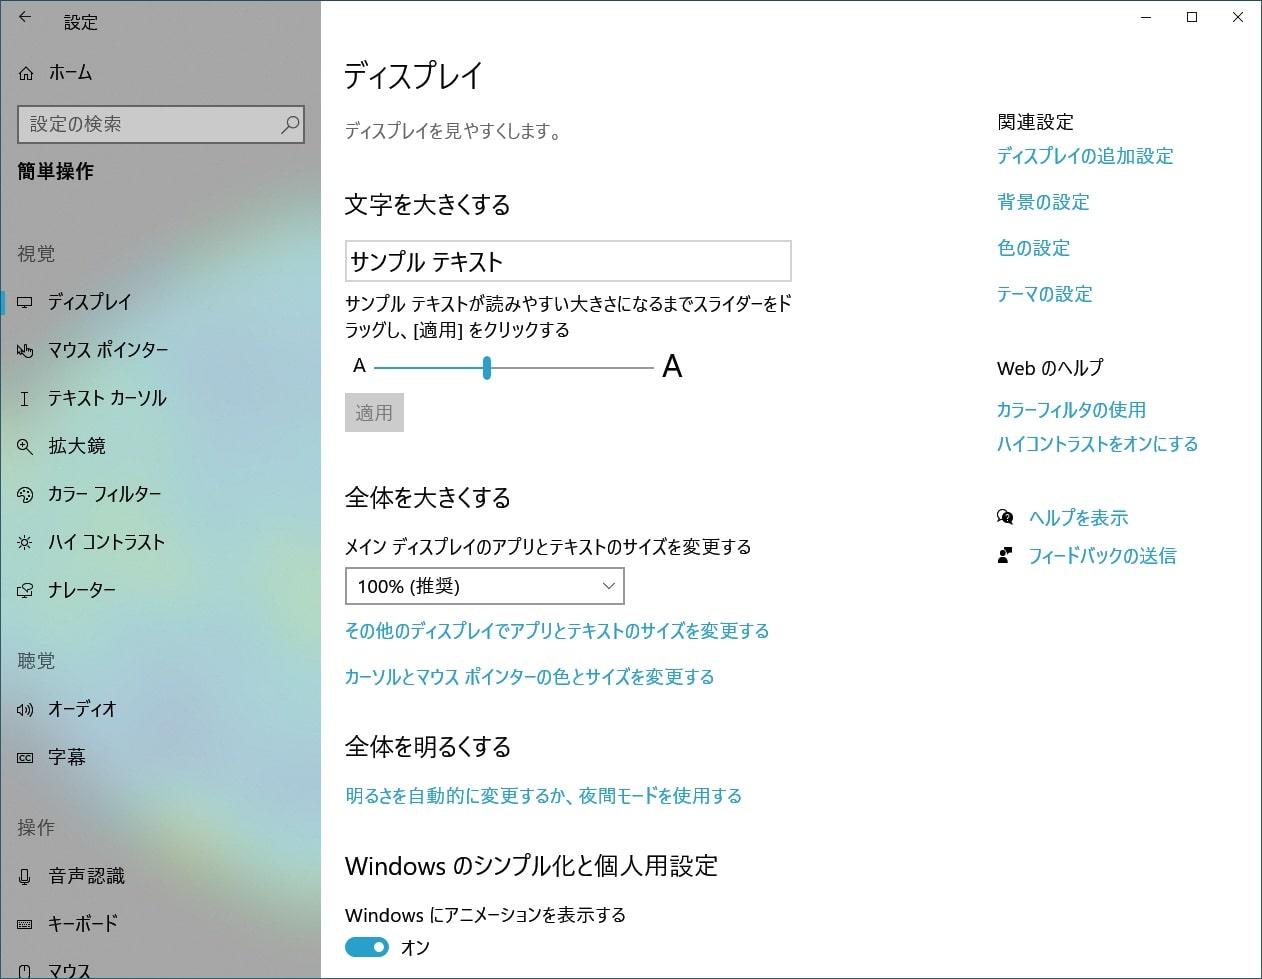 Windows 10のディスプレイという設定画面でテキスト(文字)を拡大した際の画像